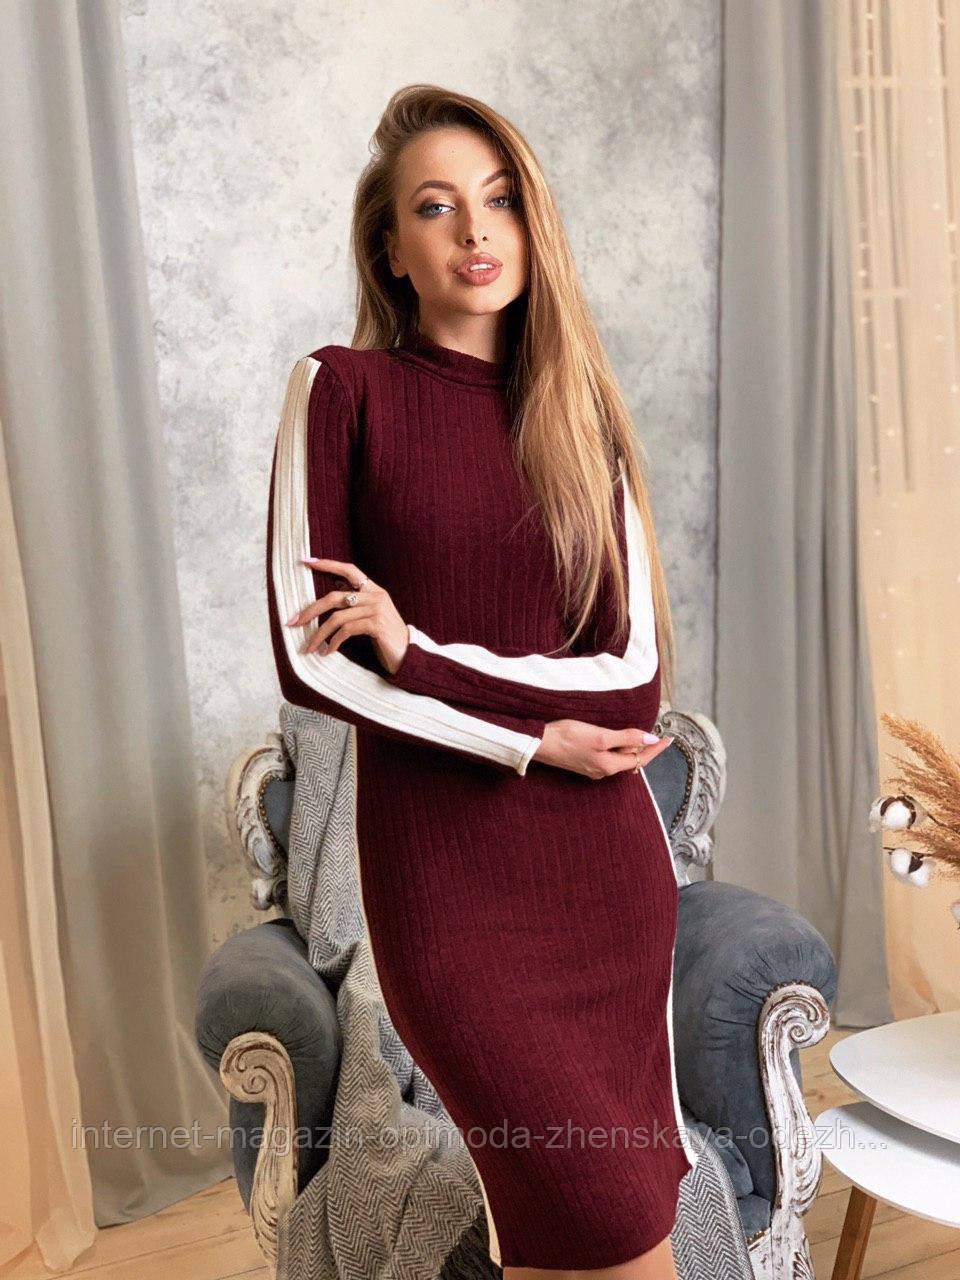 Красивое женское повседневное платье с полоской сбоку, размеры:42-44, черный, бордовый